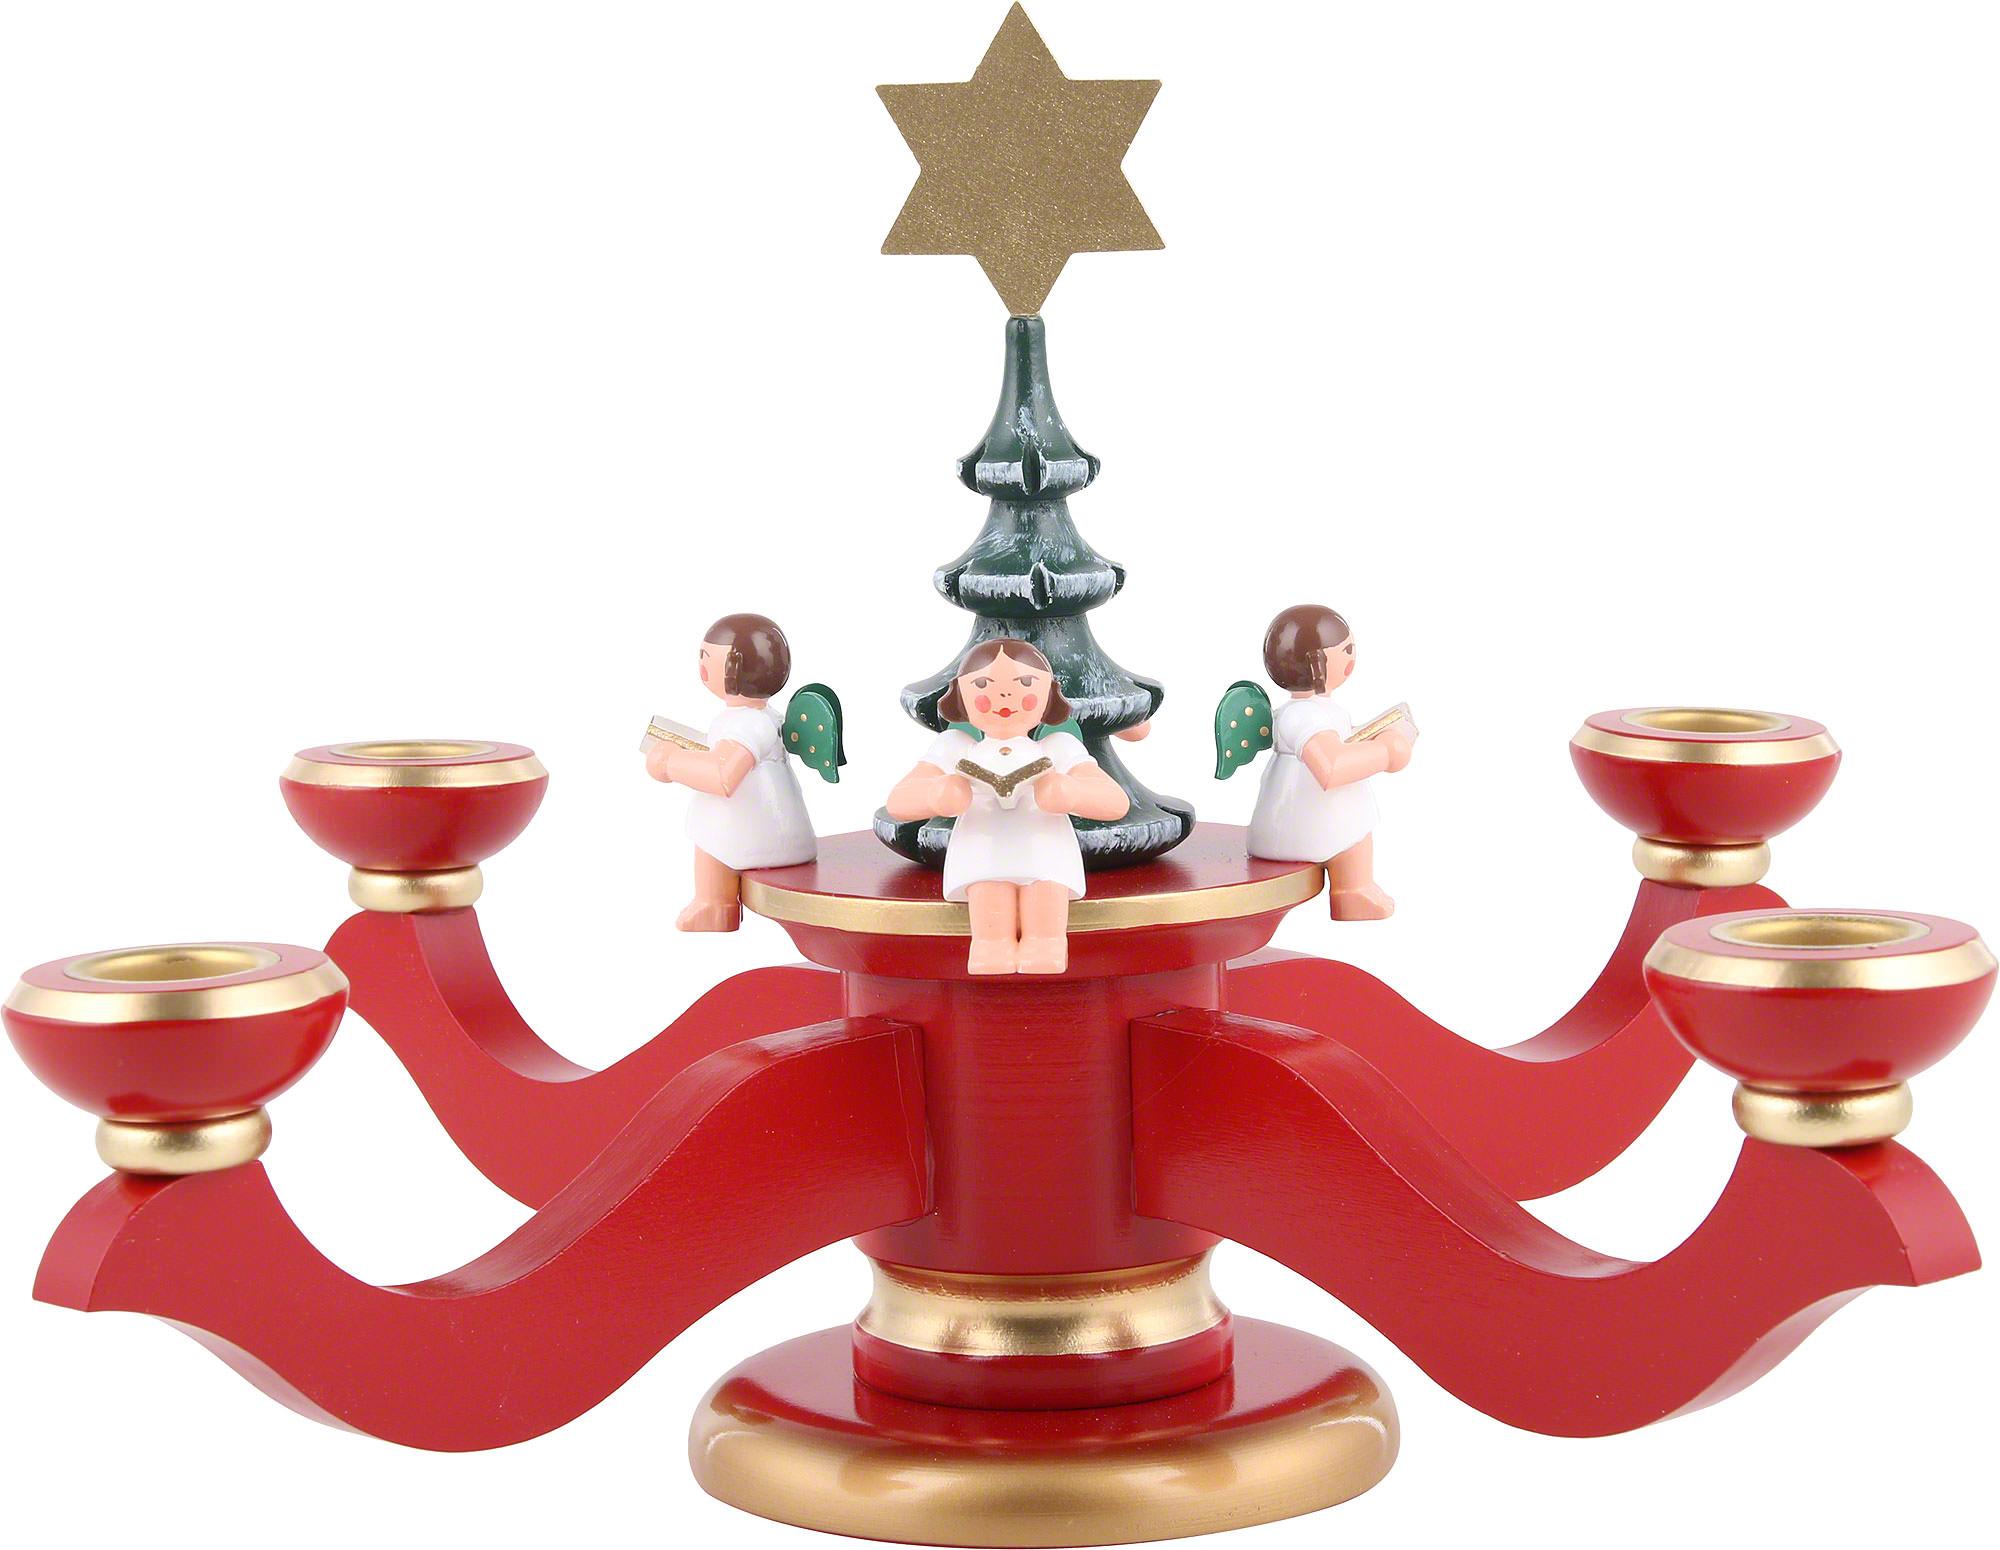 adventsleuchter rot (20 cm) von christian ulbricht